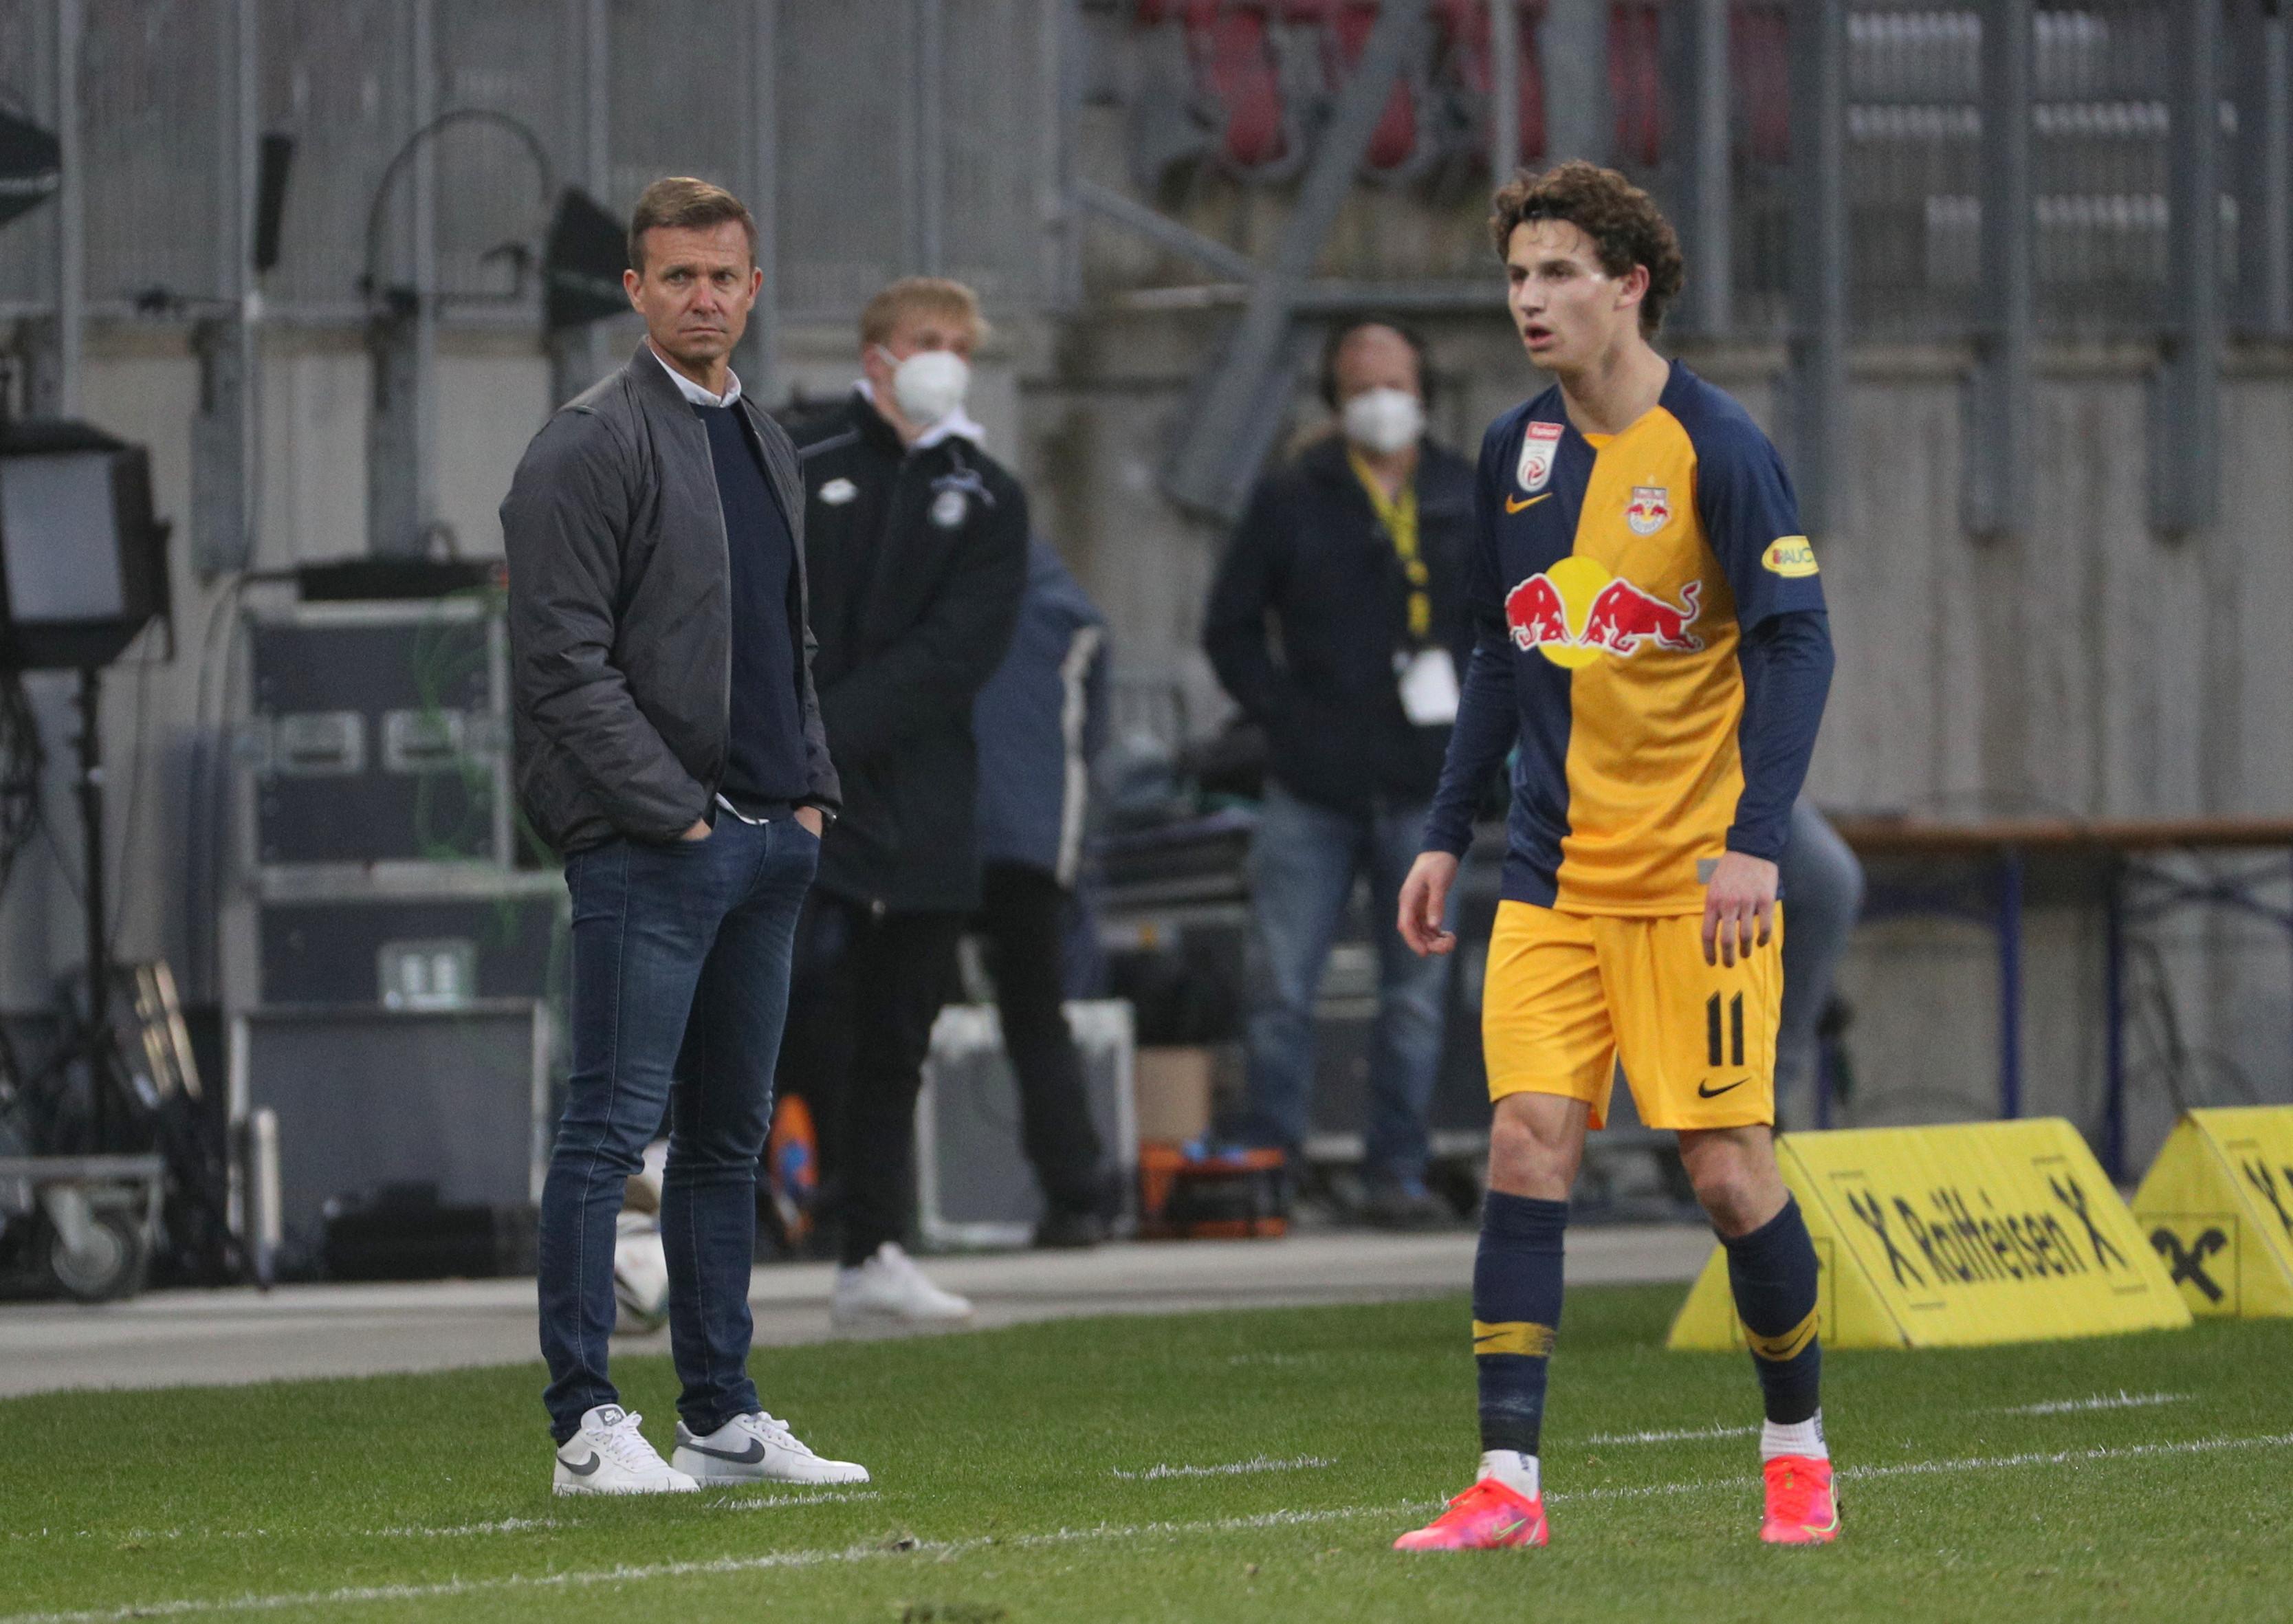 SK Puntigamer Sturm V RB Salzburg - tipico Bundesliga